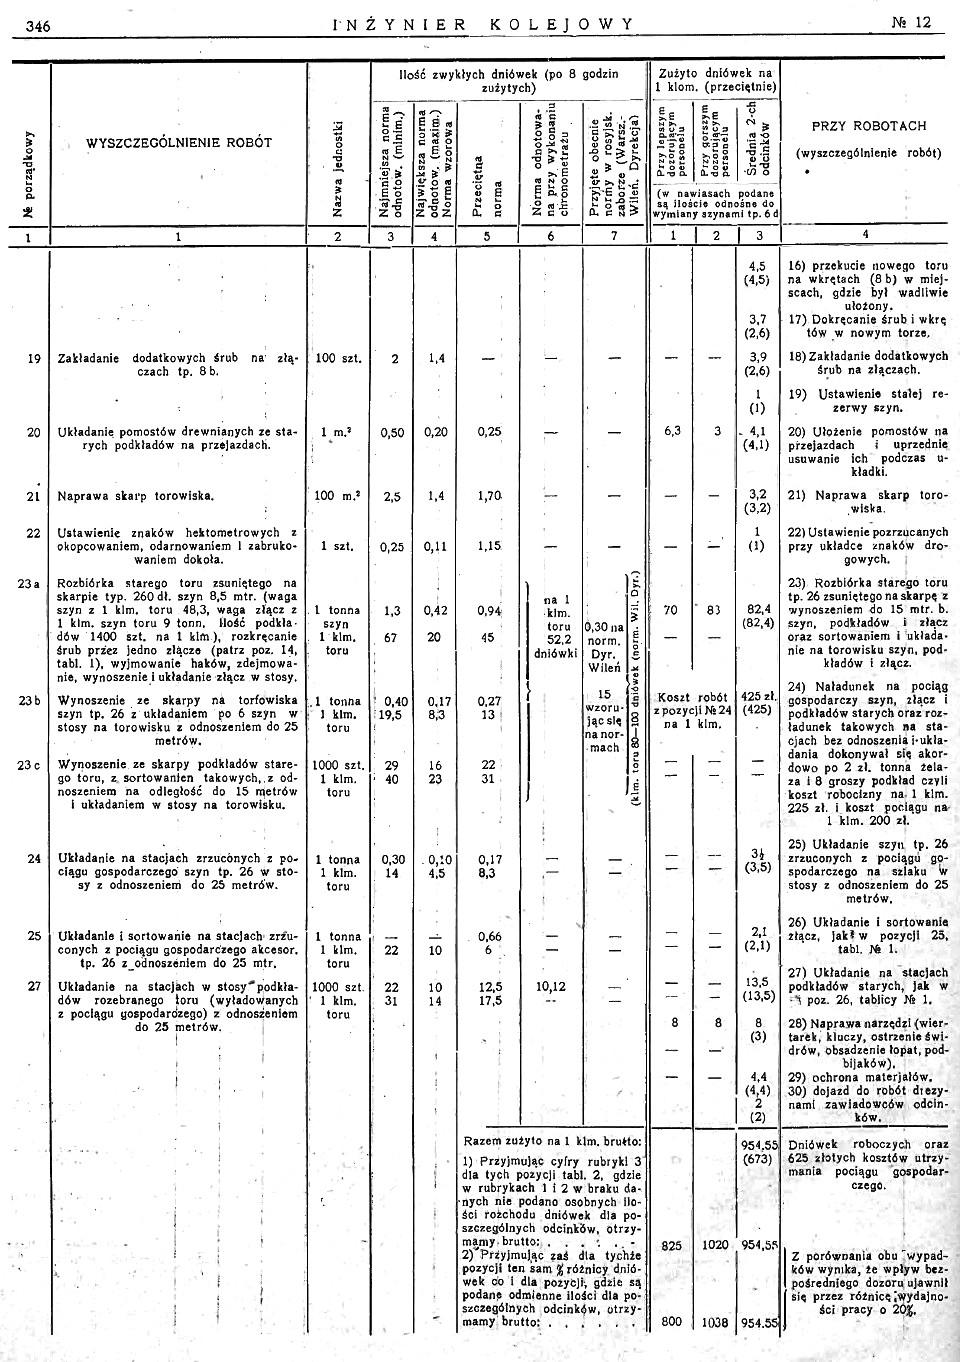 Inż. Kolejowy nr 28 (12-1926) str. 346.jpg